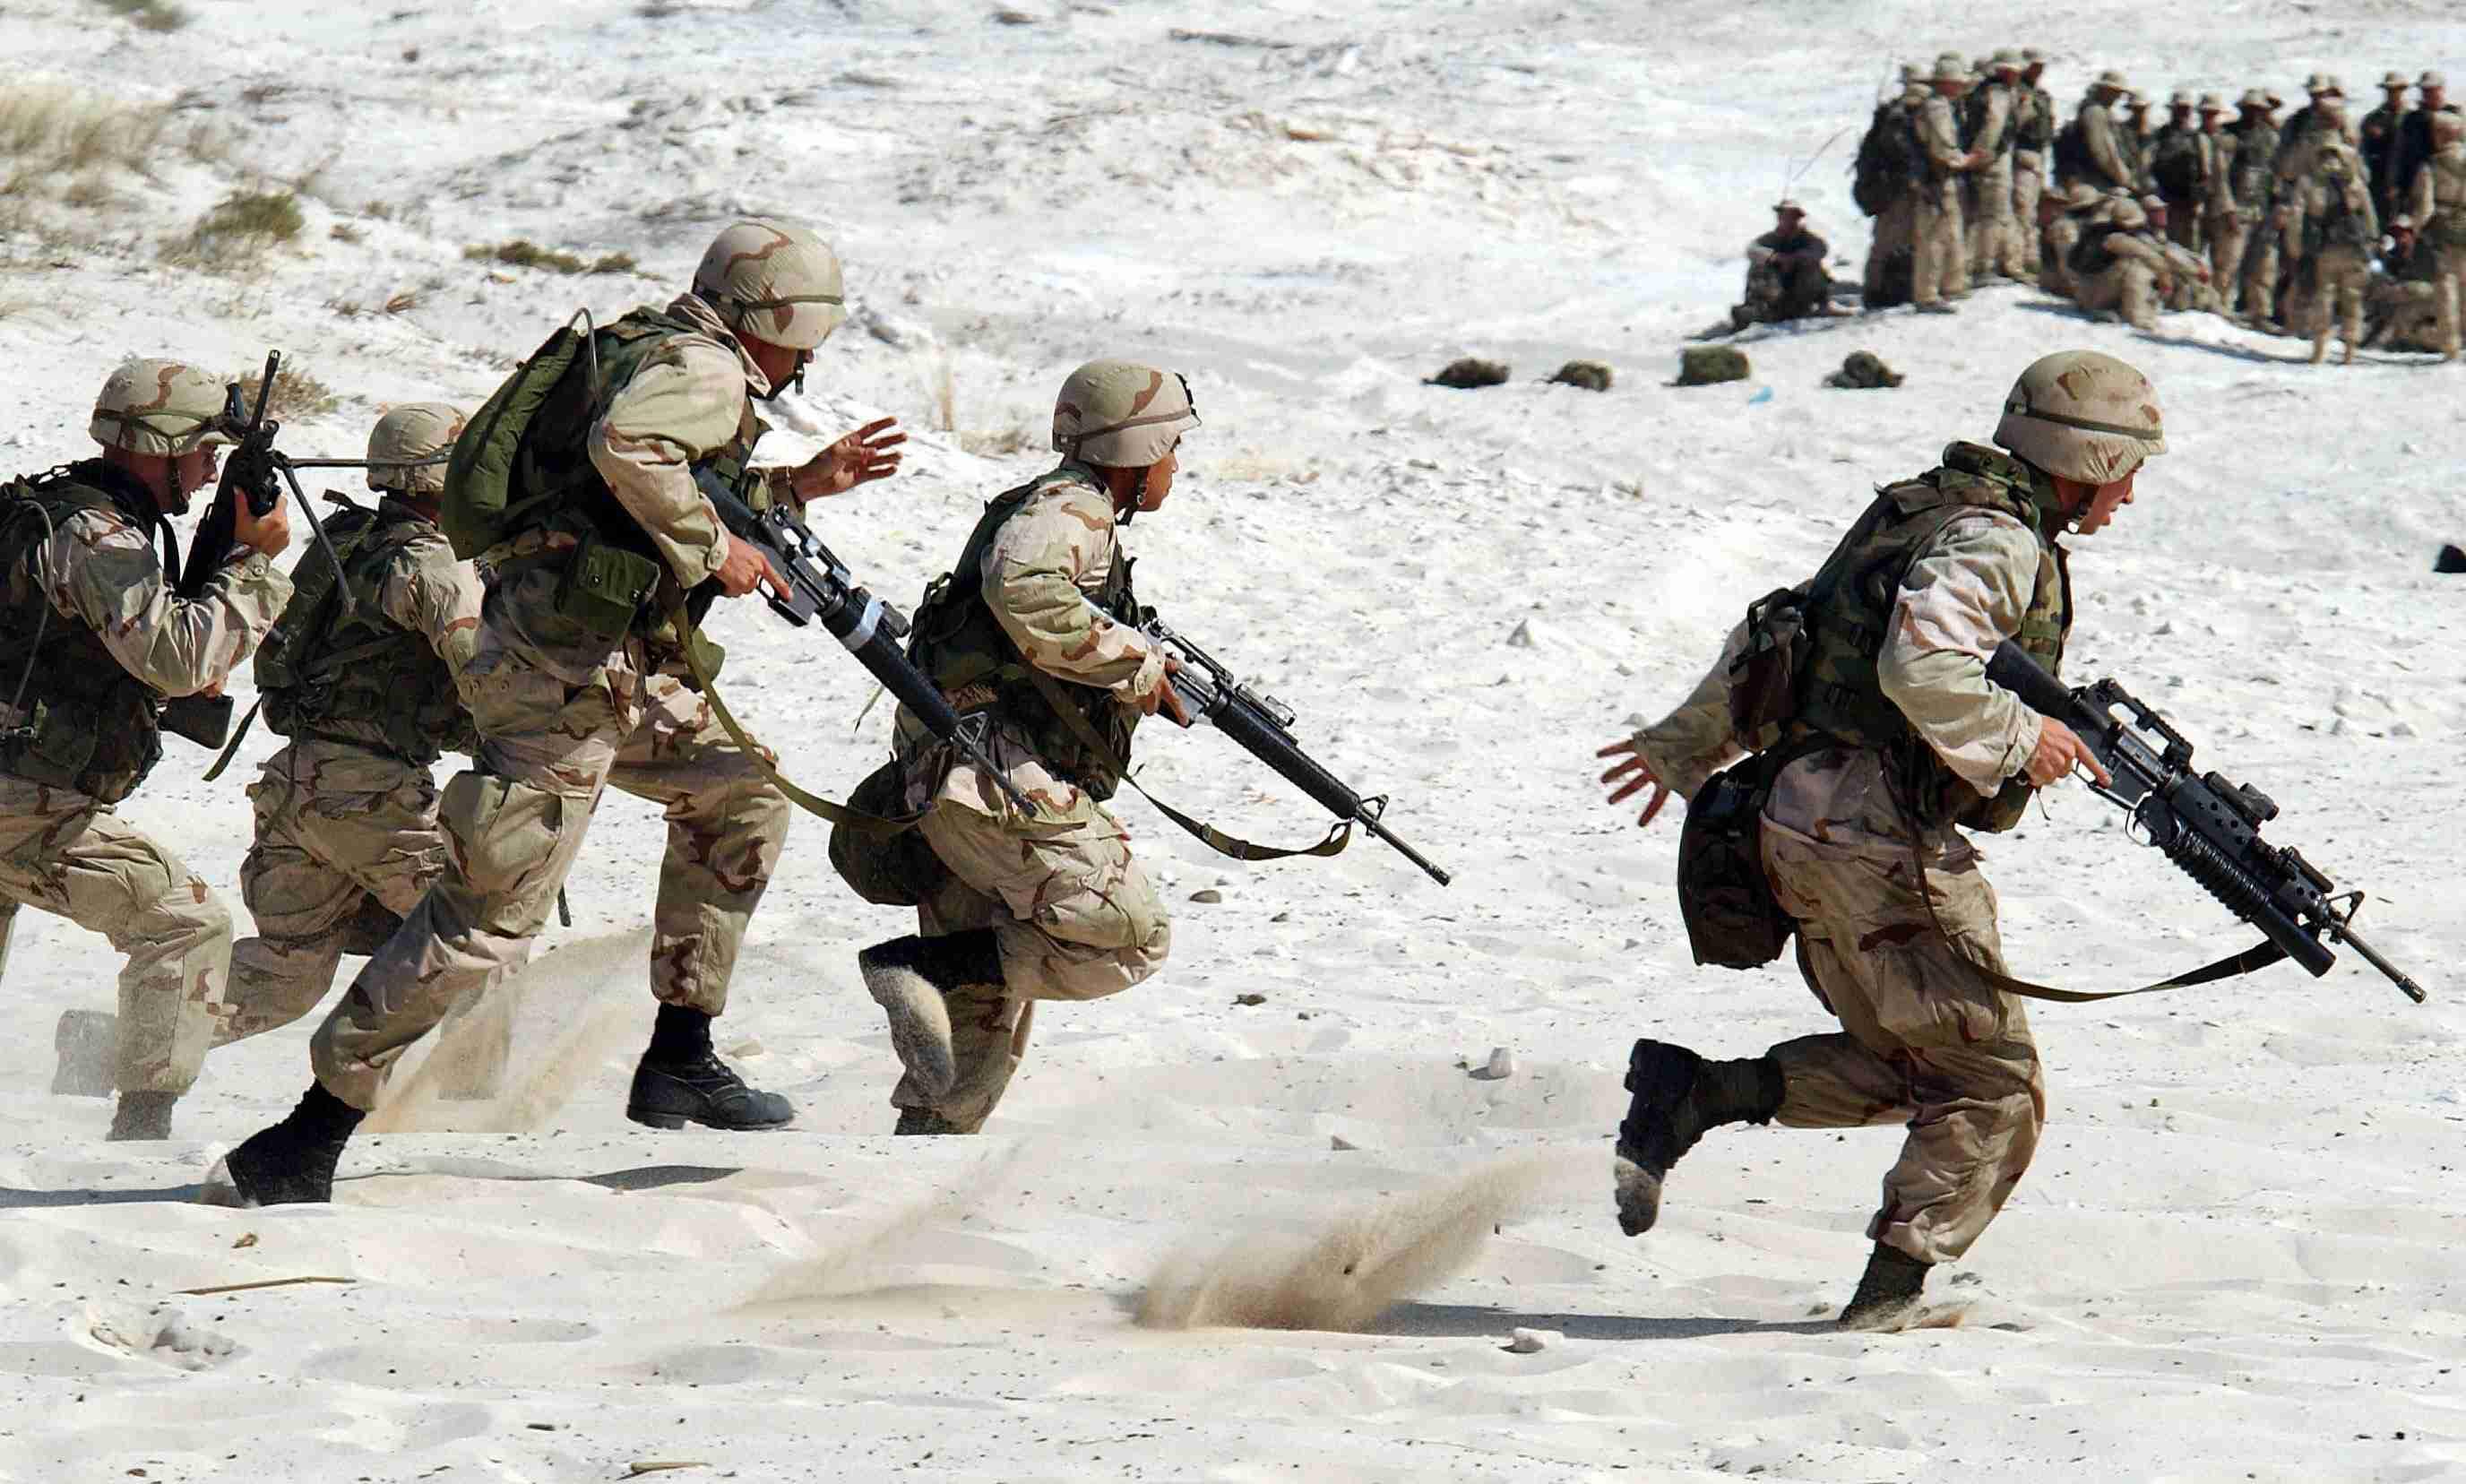 大家想像中的韓國軍人是不是都像韓劇中的軍人一樣帥,帥氣的把貝雷帽準確的戴在在眉毛上方1公分。但是帥氣的軍人在休假時就會很敏感XD韓國國防部調查過軍人休假時的地雷,聽到這幾句話原本的好心情就會馬上被破壞!